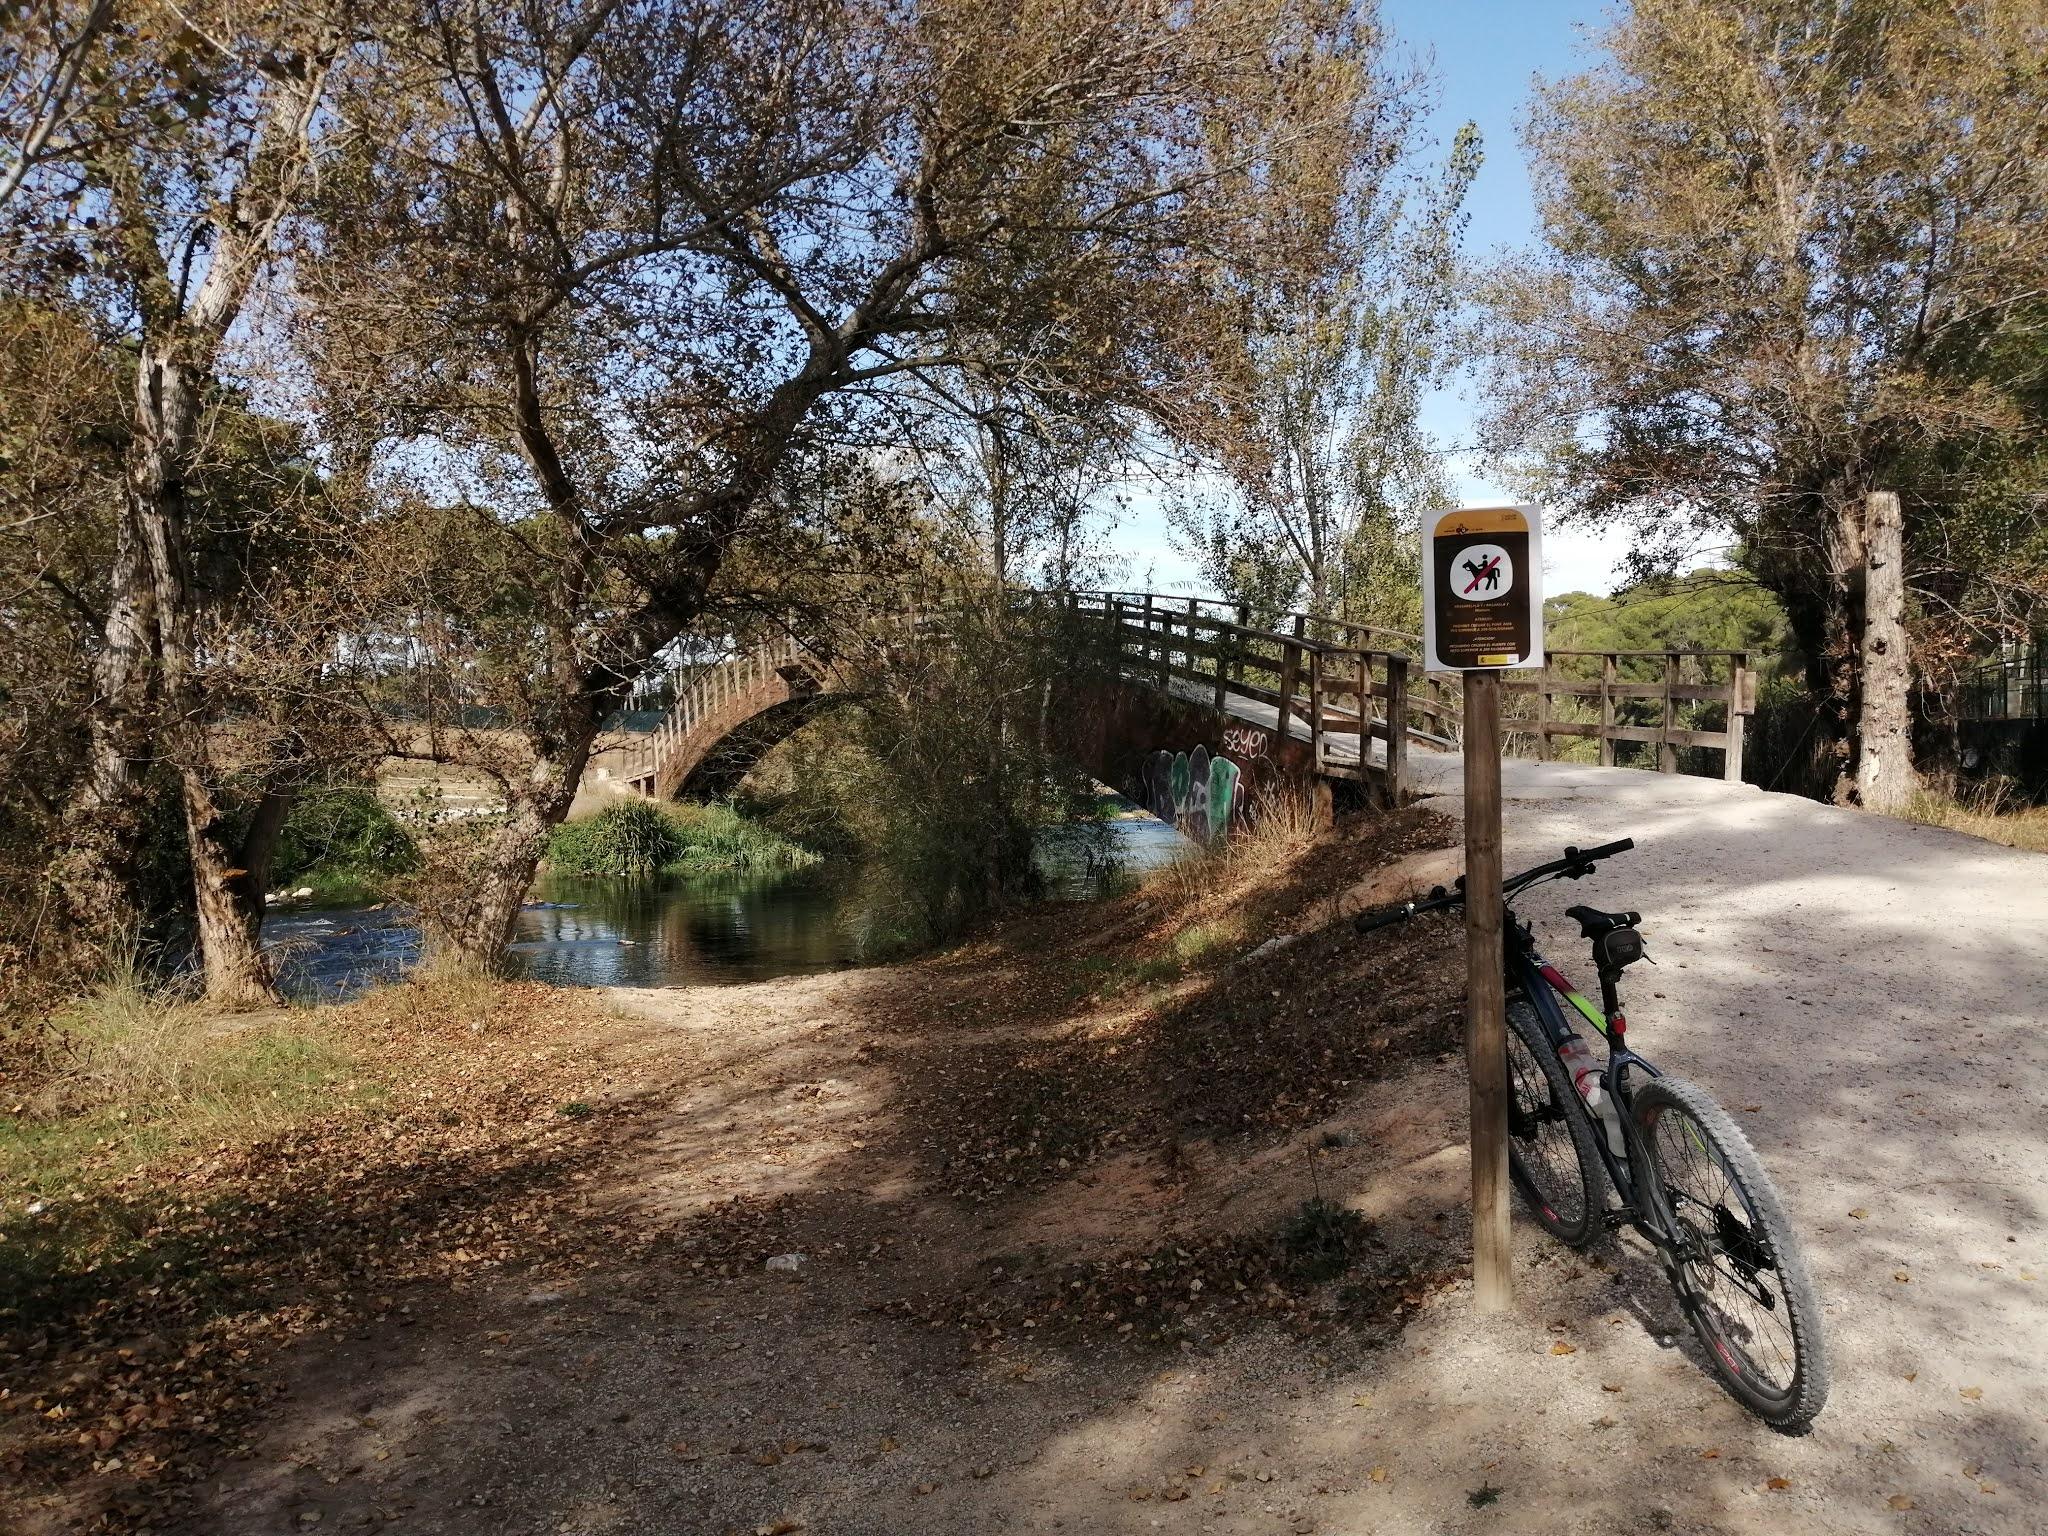 Bridge over the River Turia at la Presa, Valencia